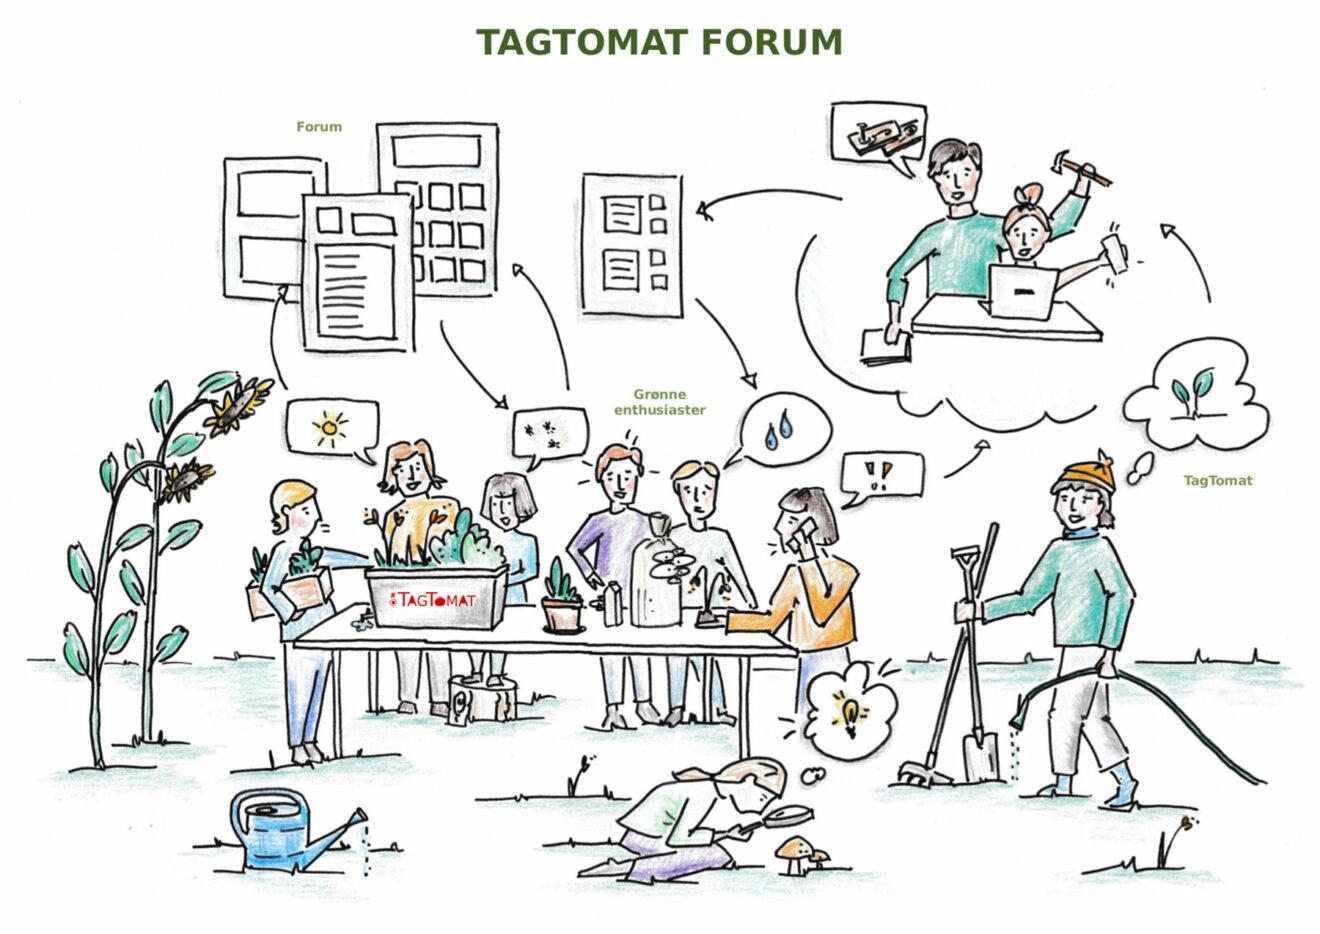 TagTomat Forum - sammen skaber vi grønne oplevelser